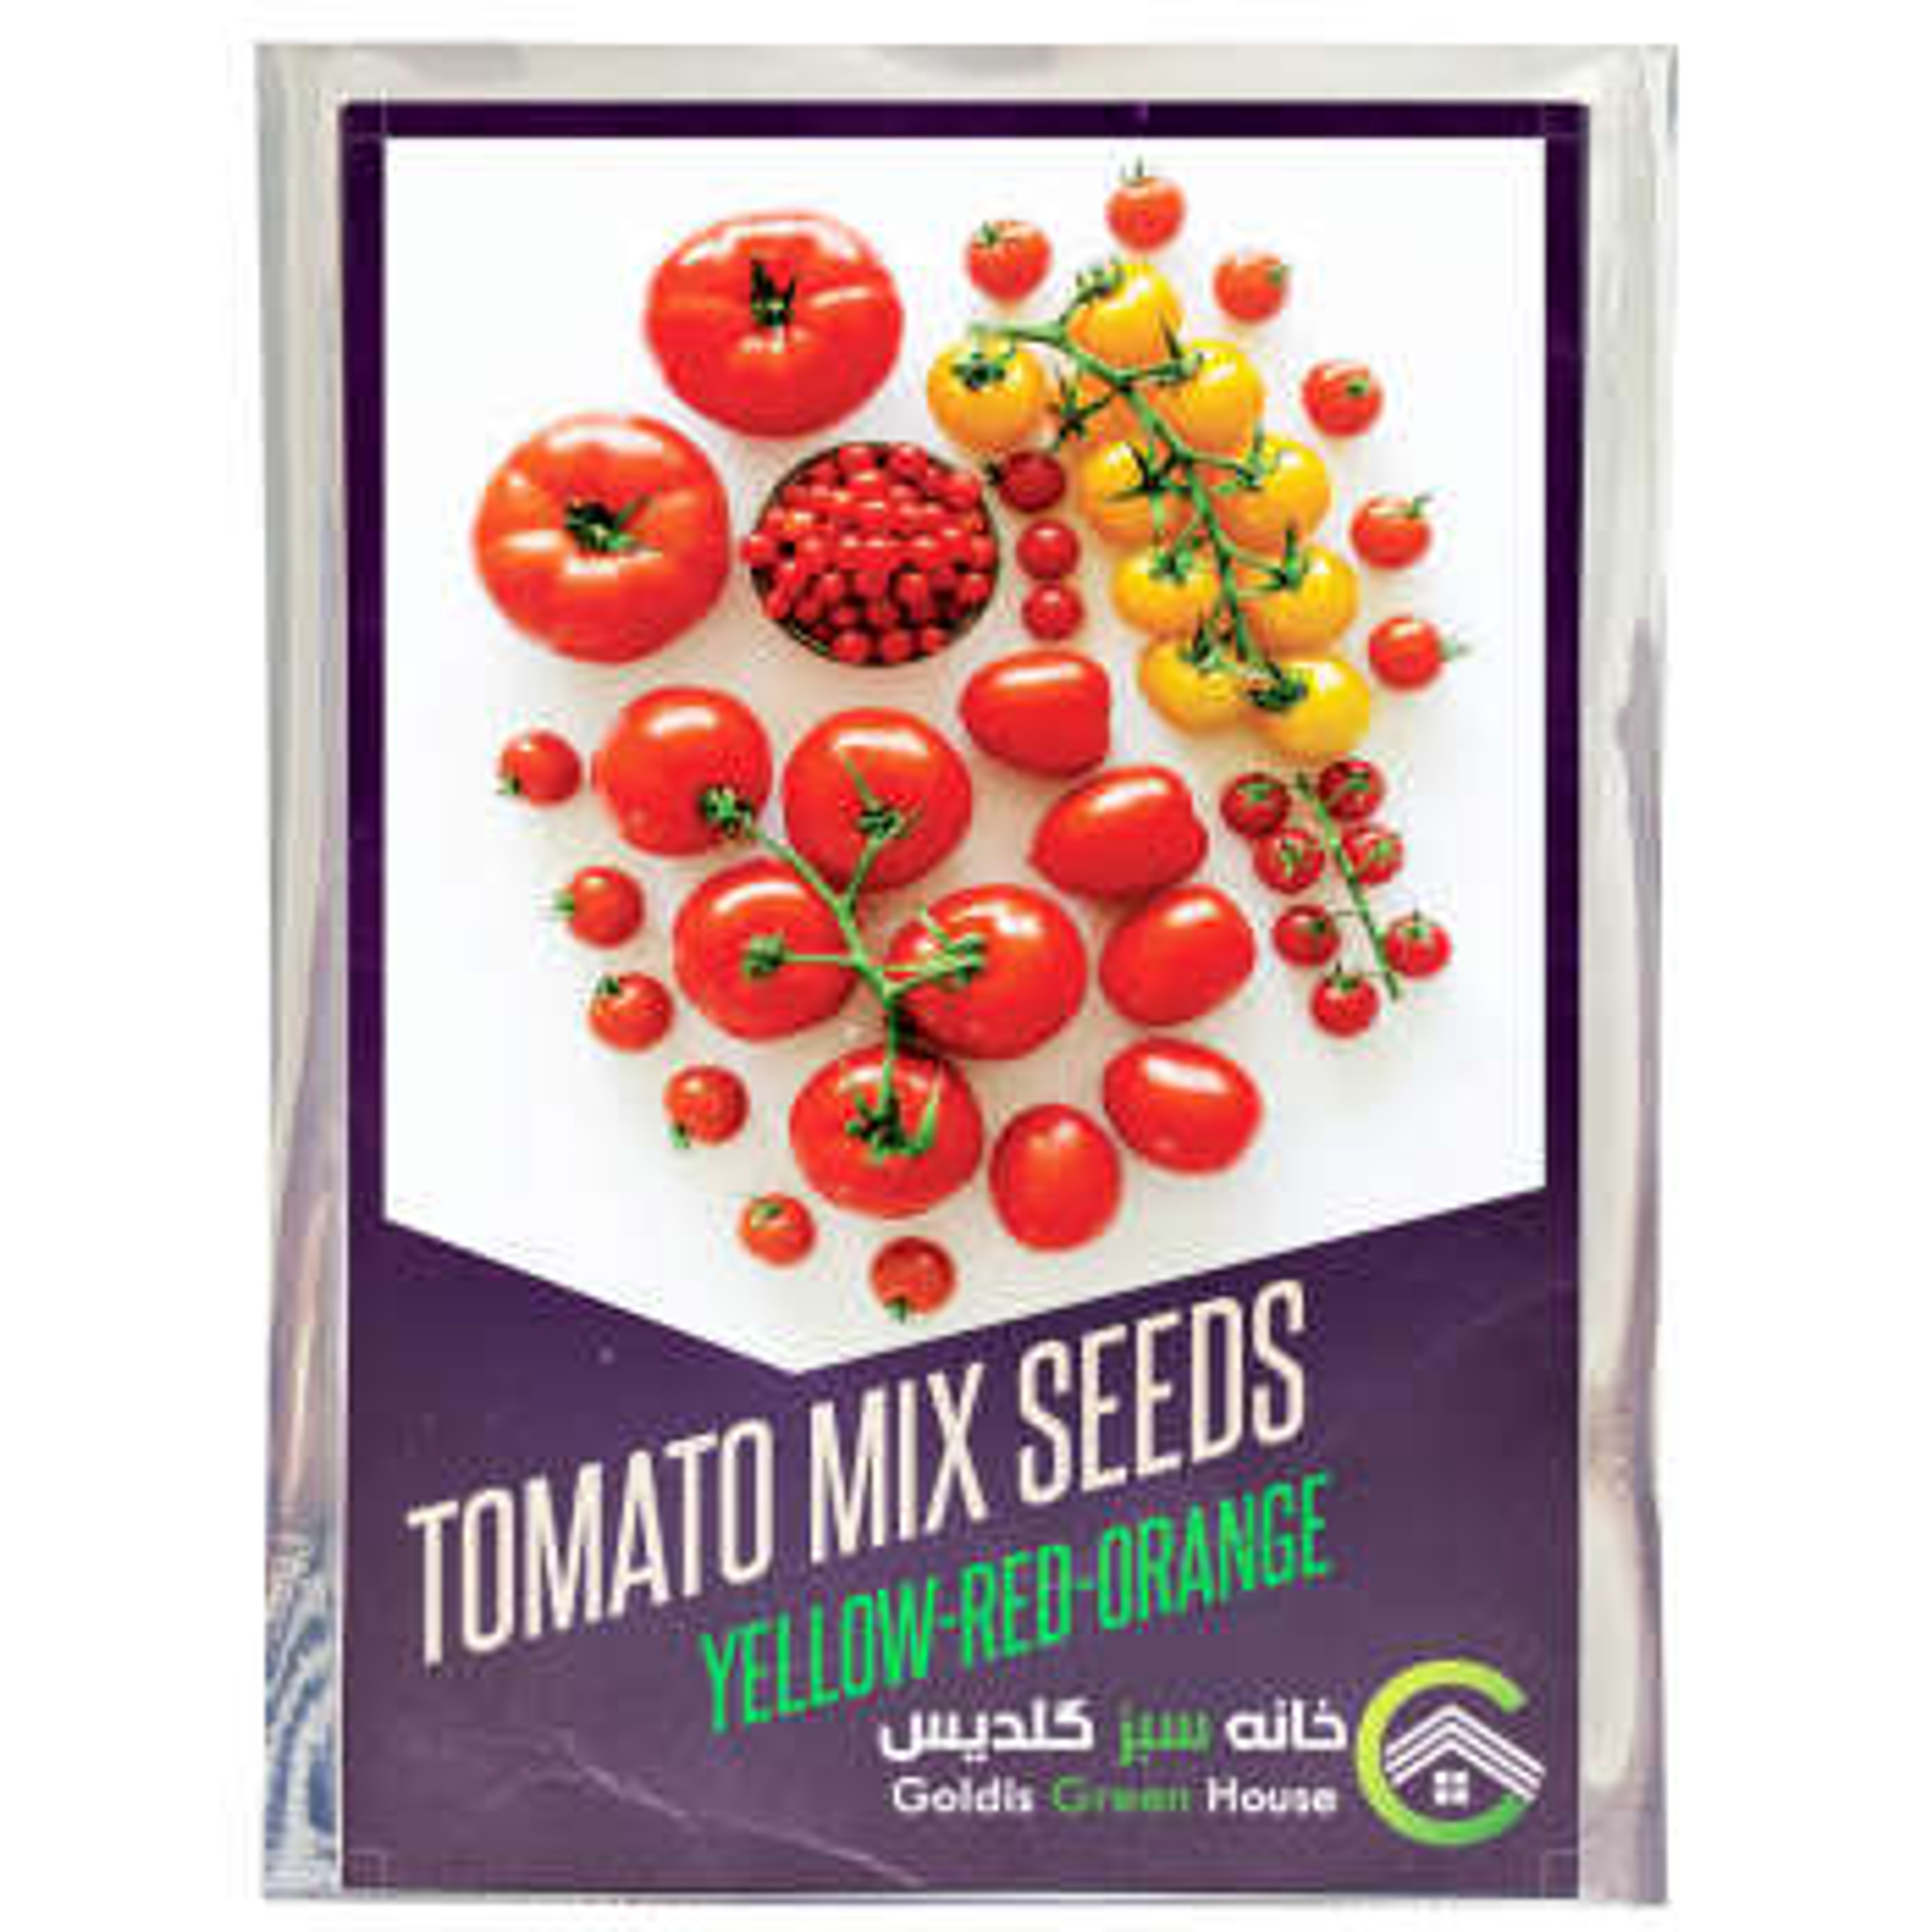 بذر گوجه میکس رنگی خانه سبز گلدیس کد 34